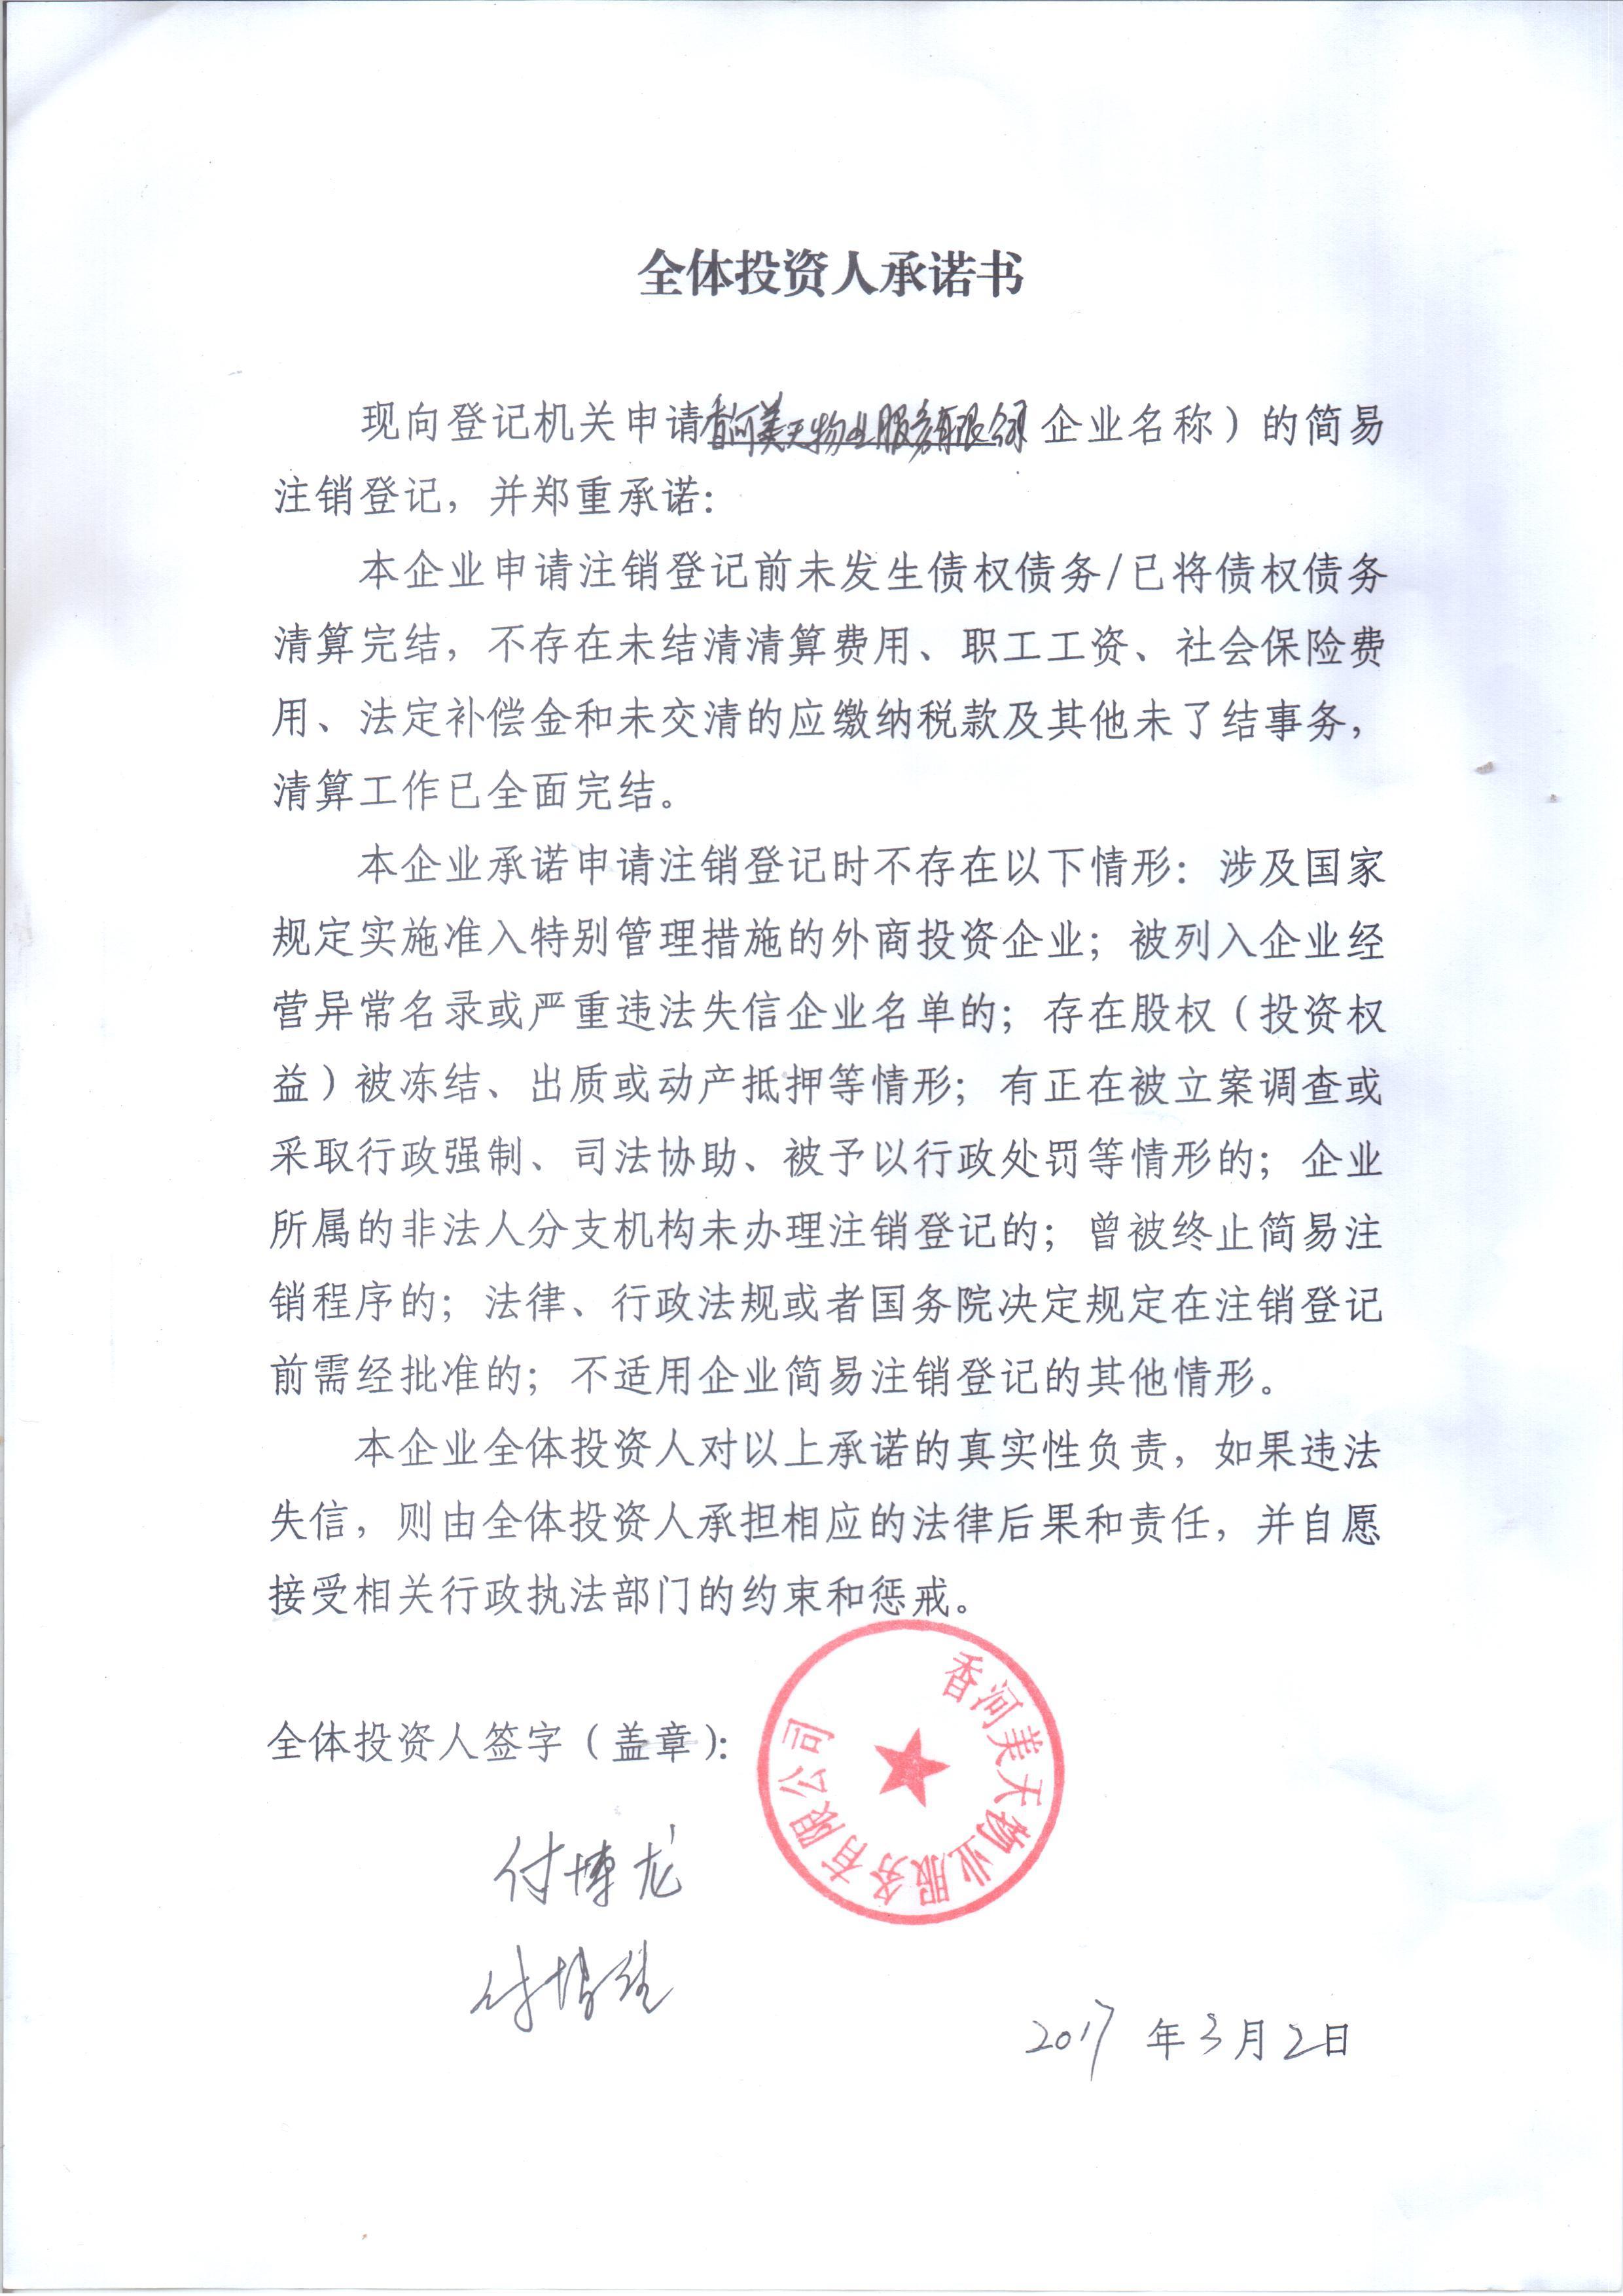 香河美天物业服务有限公司